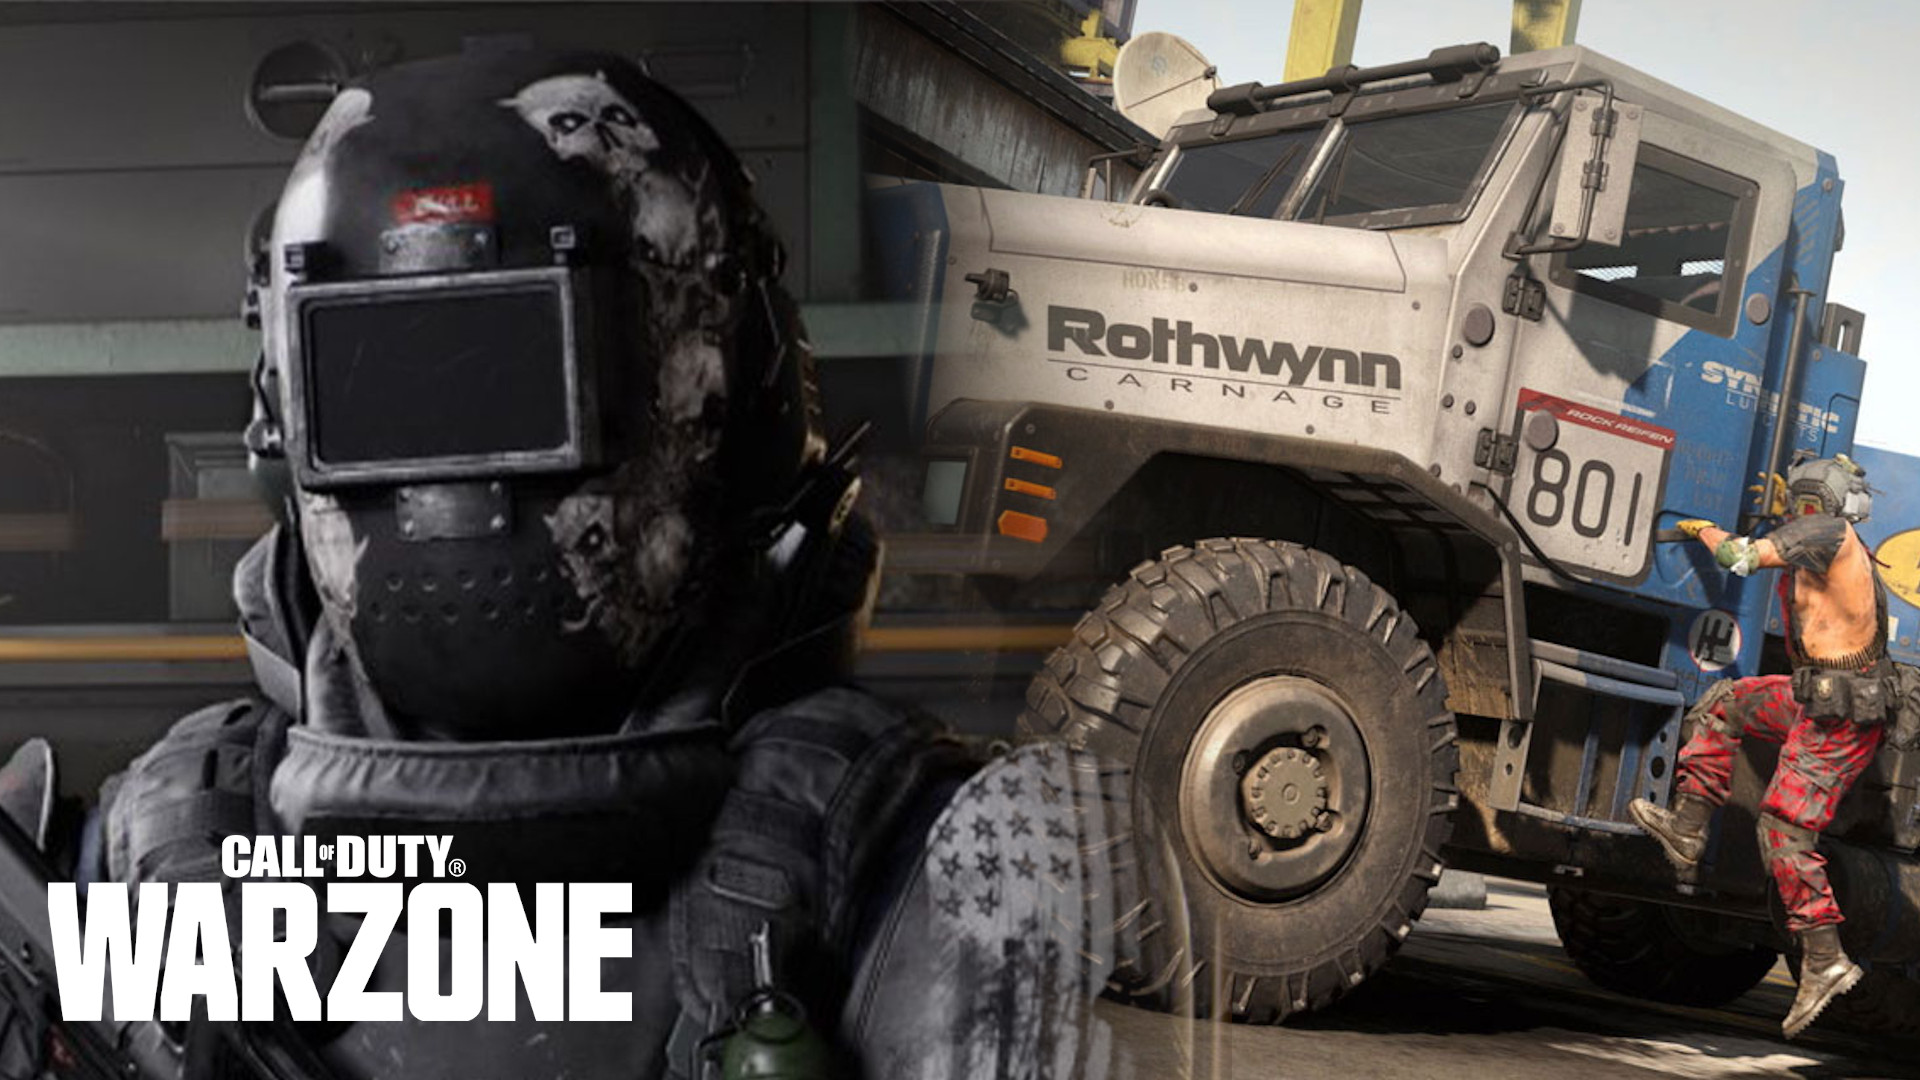 warzone truck glitch vigilante justice